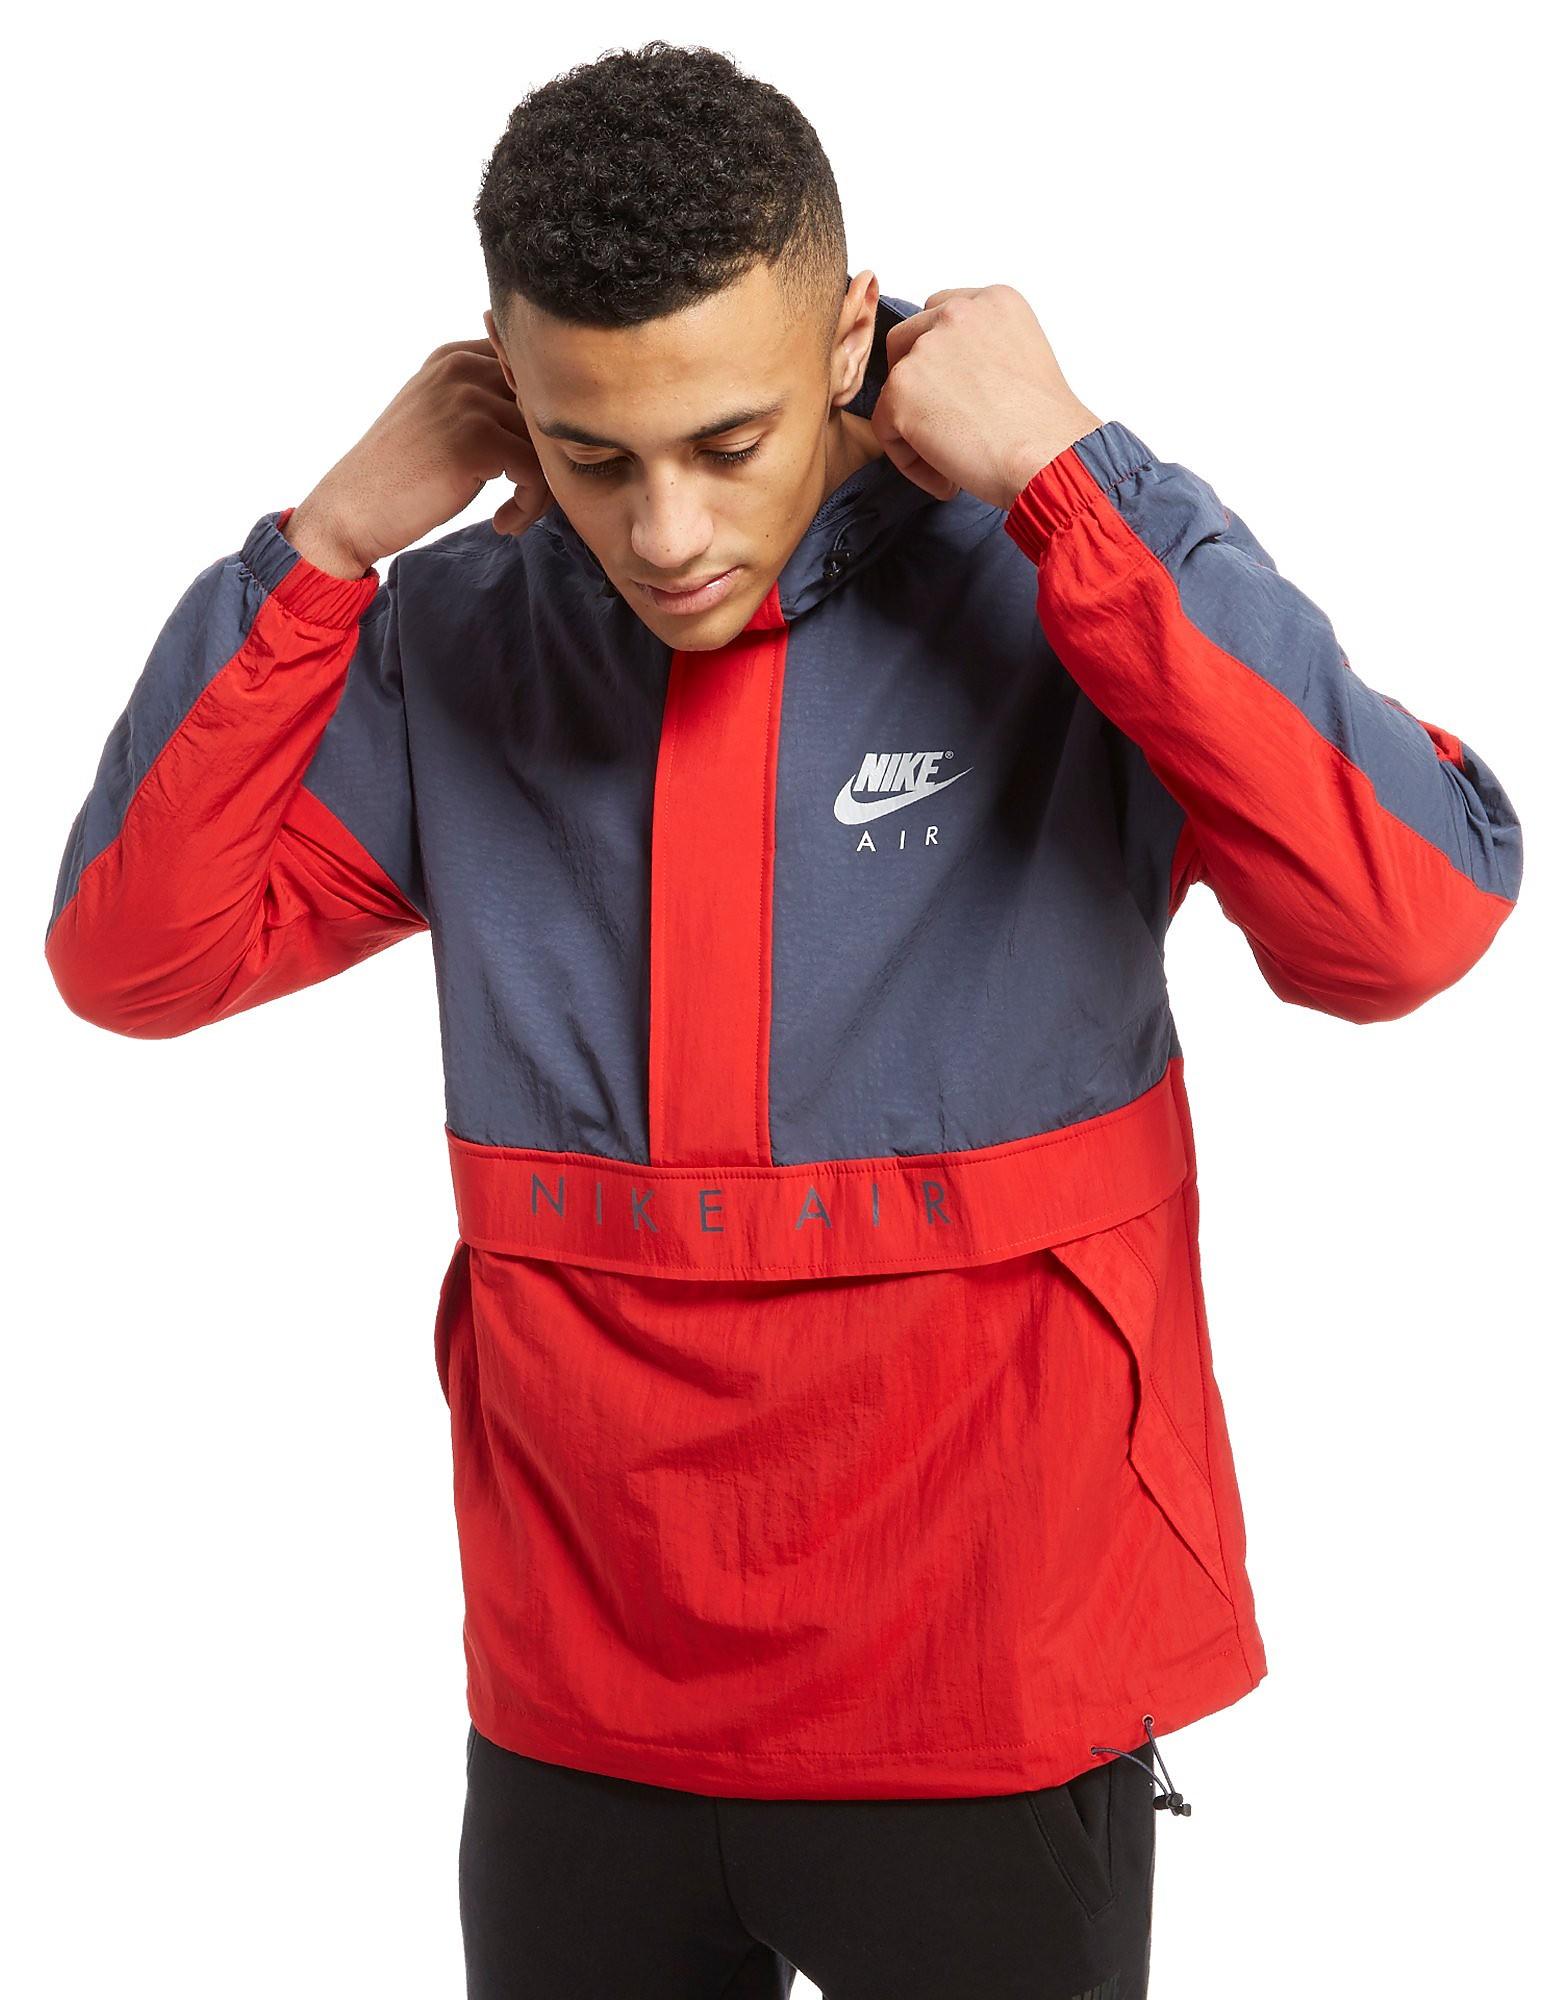 Nike Air Half-Zip Jacket